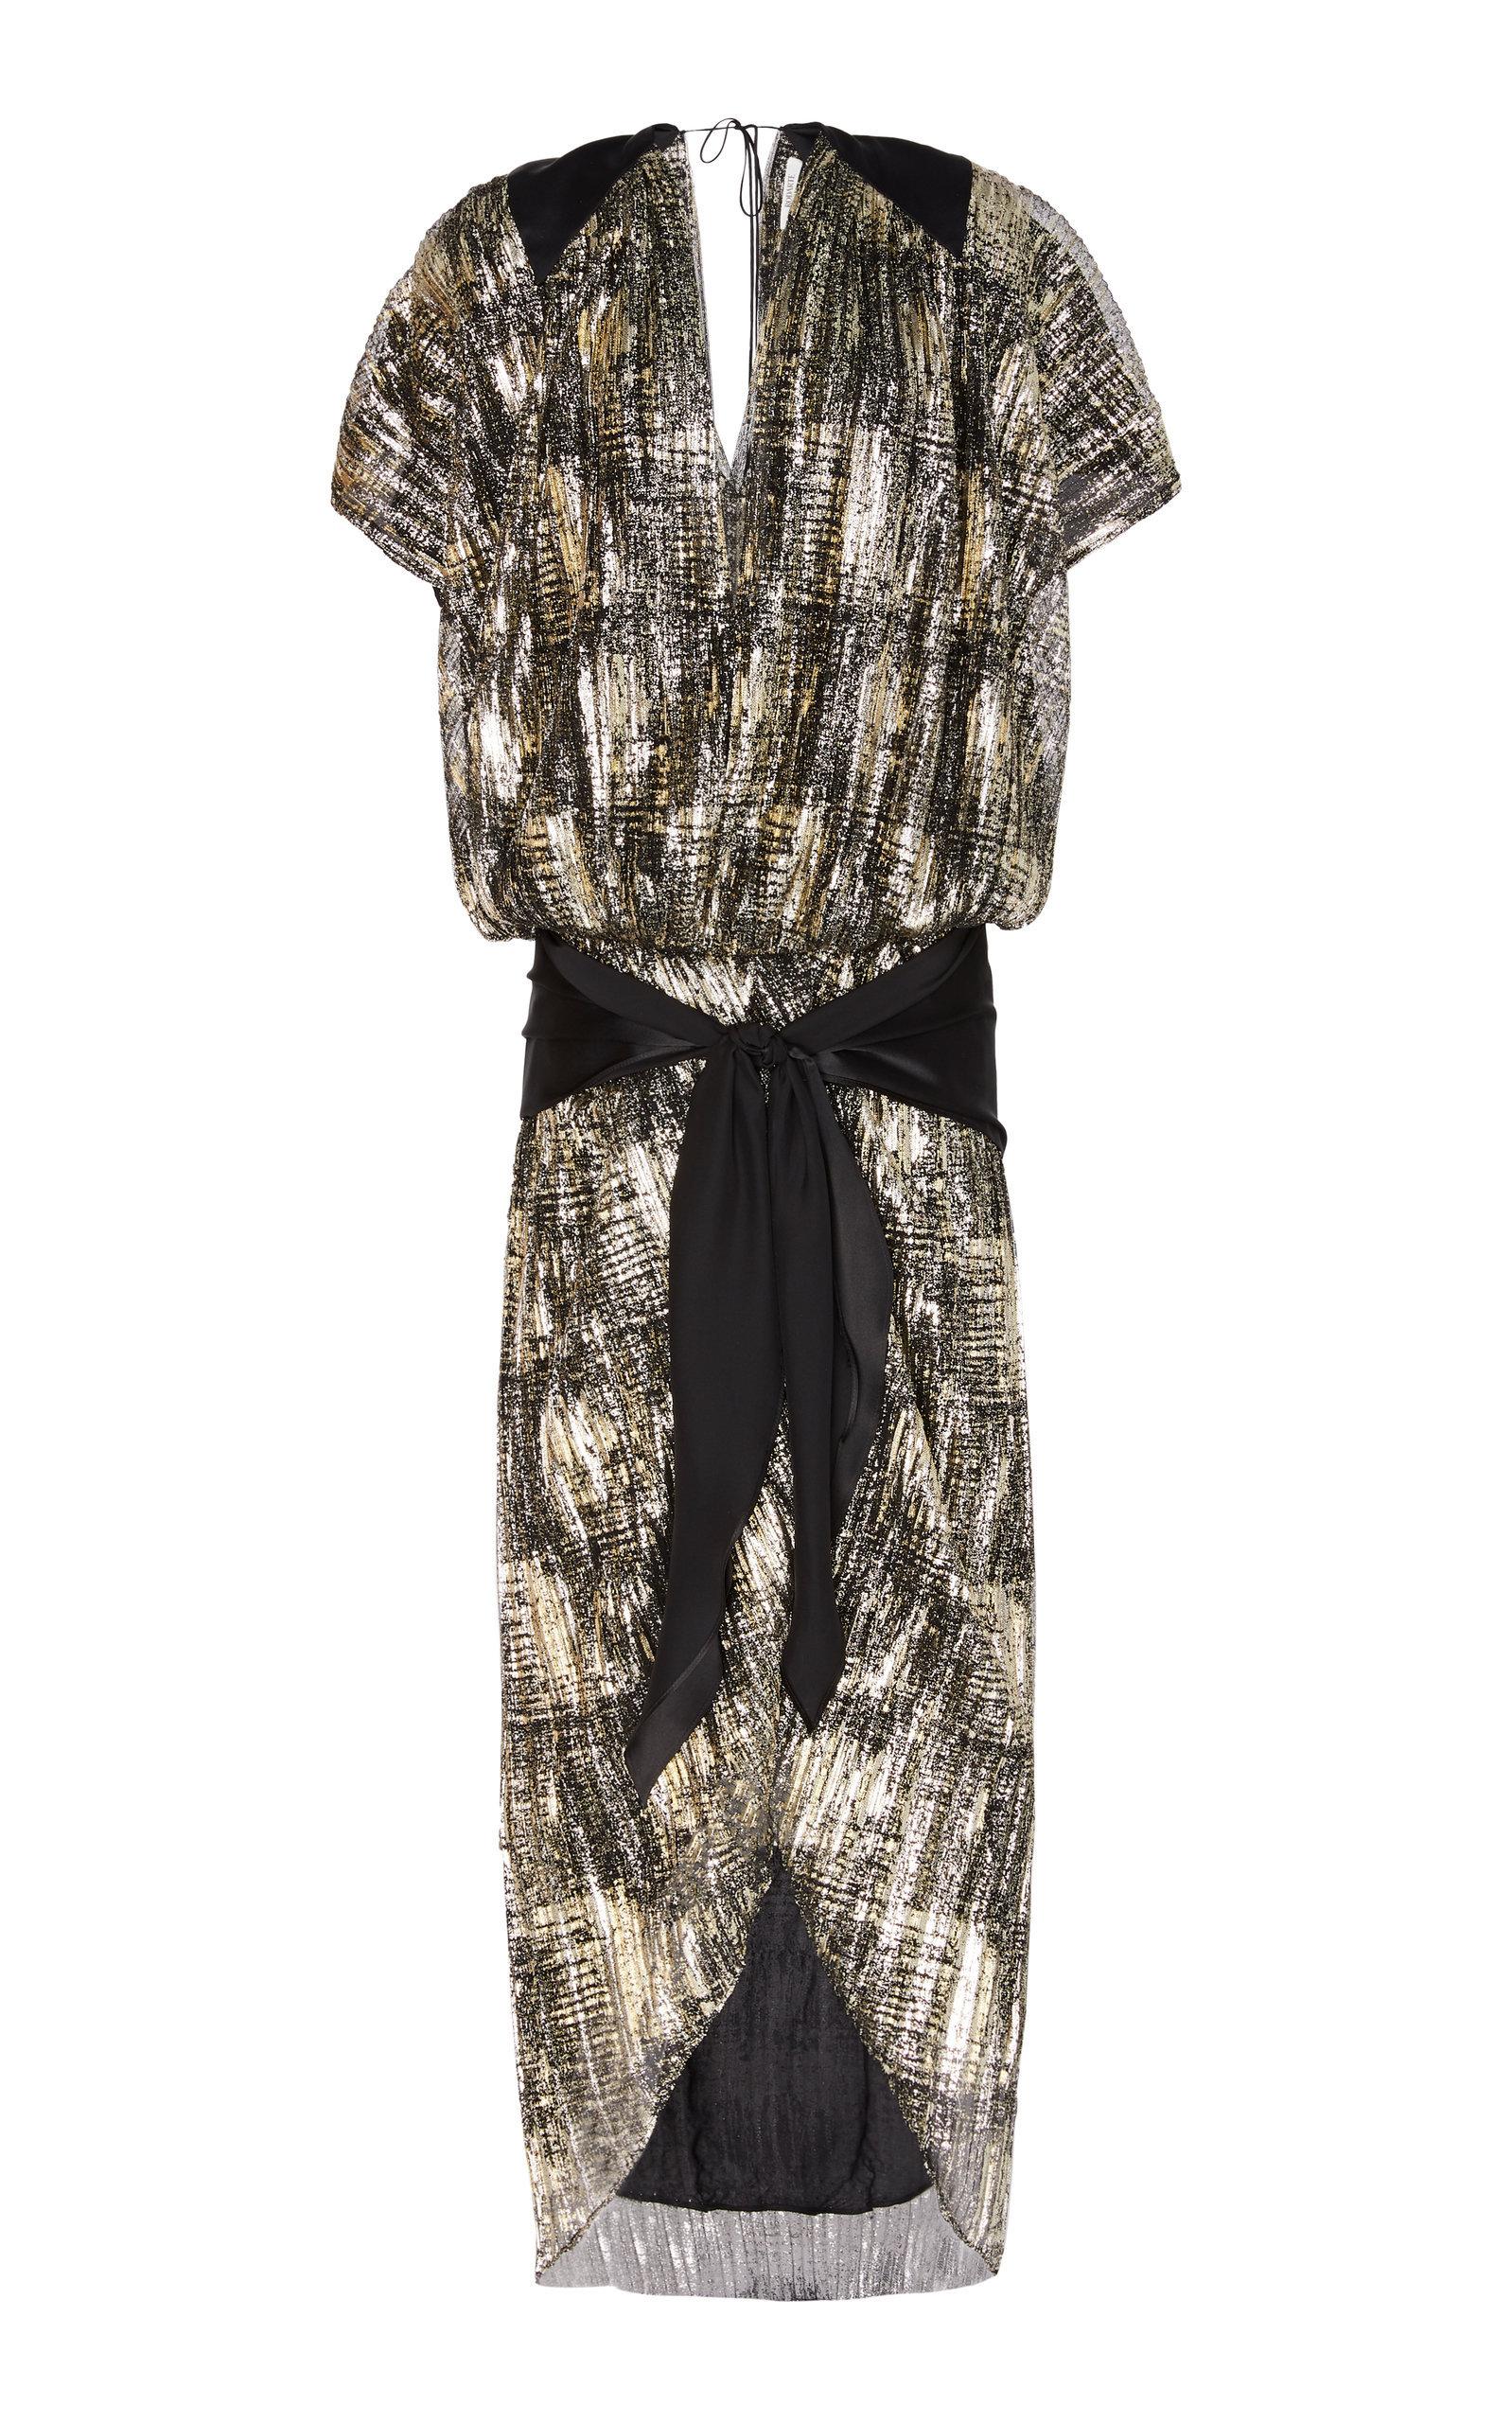 SATIN-DETAILED LAMÉ DRESS